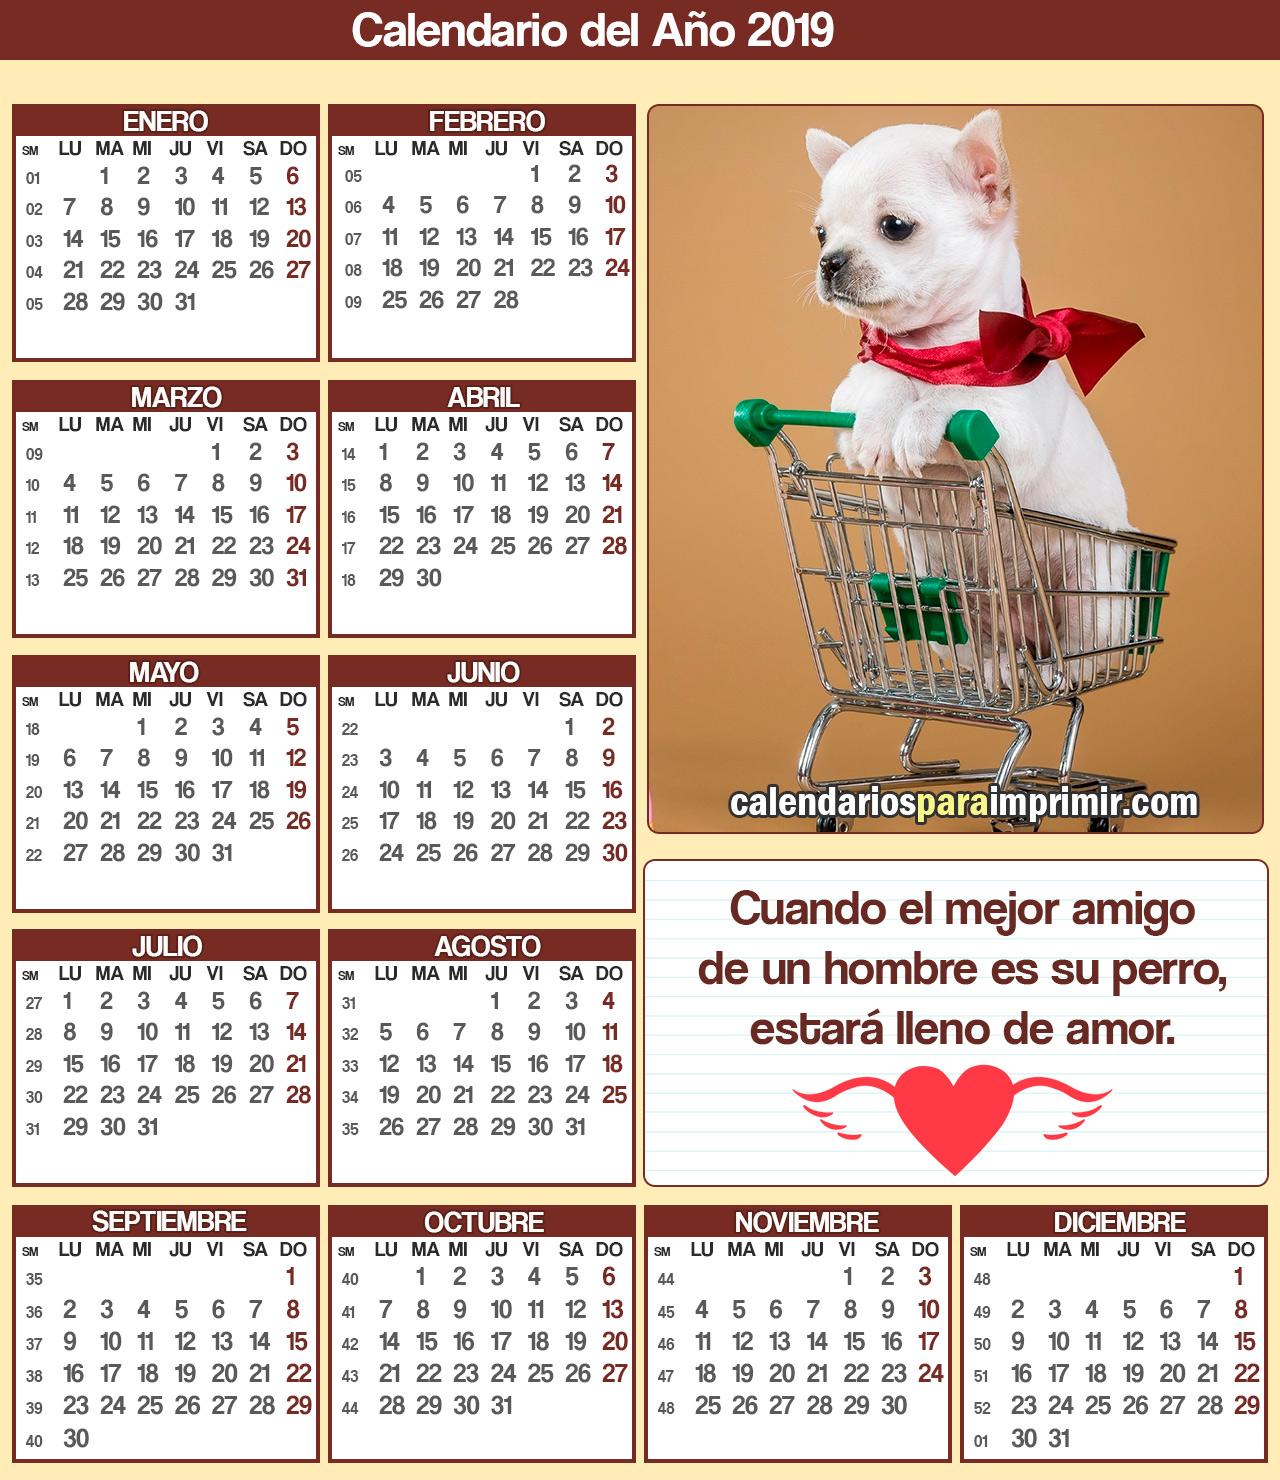 calendario para imprimir mascotas 2019